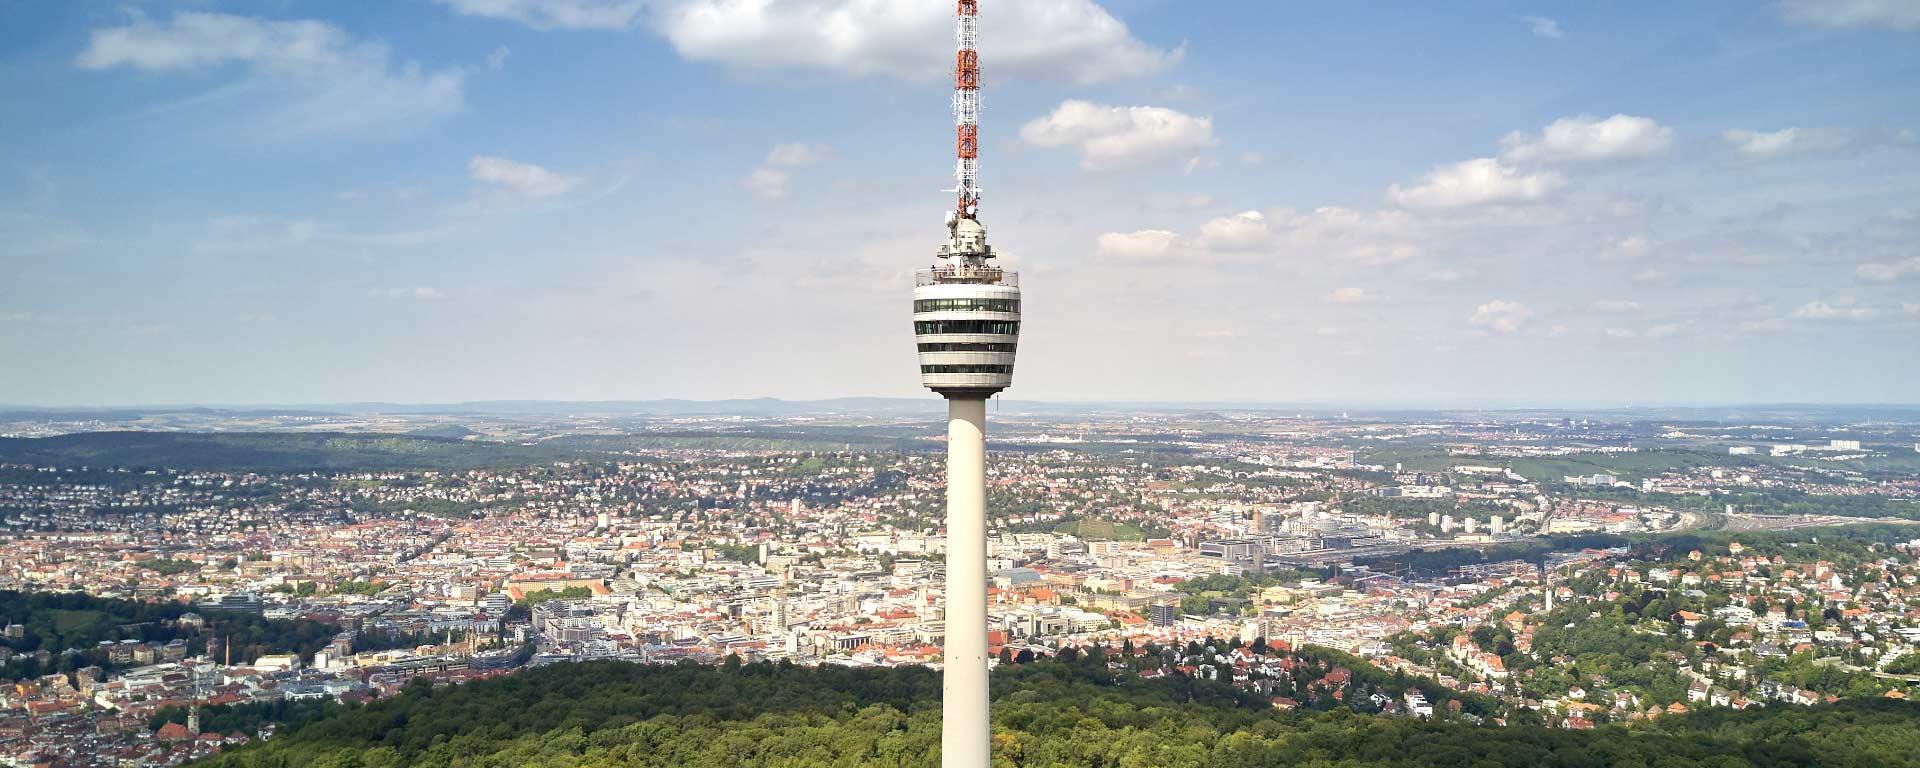 Innovative Netzwerk-Formate für Unternehmer: Business High 5 - Business-Netzwerk / Unternehmernetzwerk Stuttgart